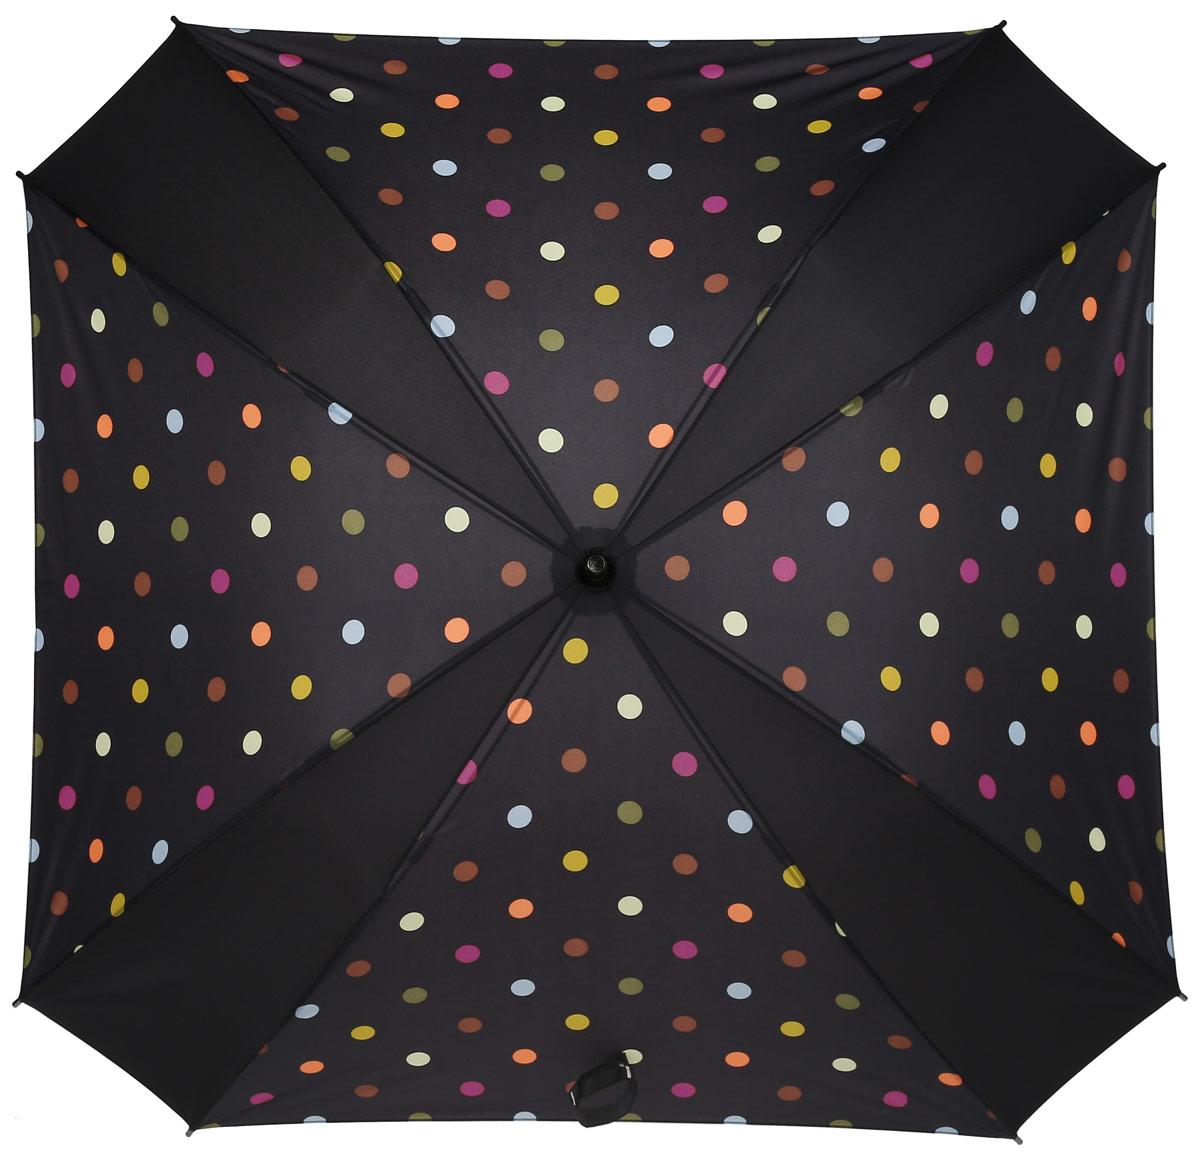 Зонт-трость женский Reisenthel, цвет: черный. YM700945100738/18076/4D00NНи снег, ни проливной дождь не страшны, когда с вами ваш надежный друг - красивый зонт-трость. А надежен он благодаря своей инновационной форме в виде октагона - фигуры с 8 углами. У зонта гибкие спицы со специальными пружинами, которые не сломаются. При сильном ветре зонт просто вывернется наизнанку. А вот острый наконечник и ручка, которая позволяет повесить зонт - самые что ни на есть классические, удобные и красивые. Чтобы просушить его, просто оставьте открытым (пожалуйста, не сворачивайте зонт, пока он мокрый).